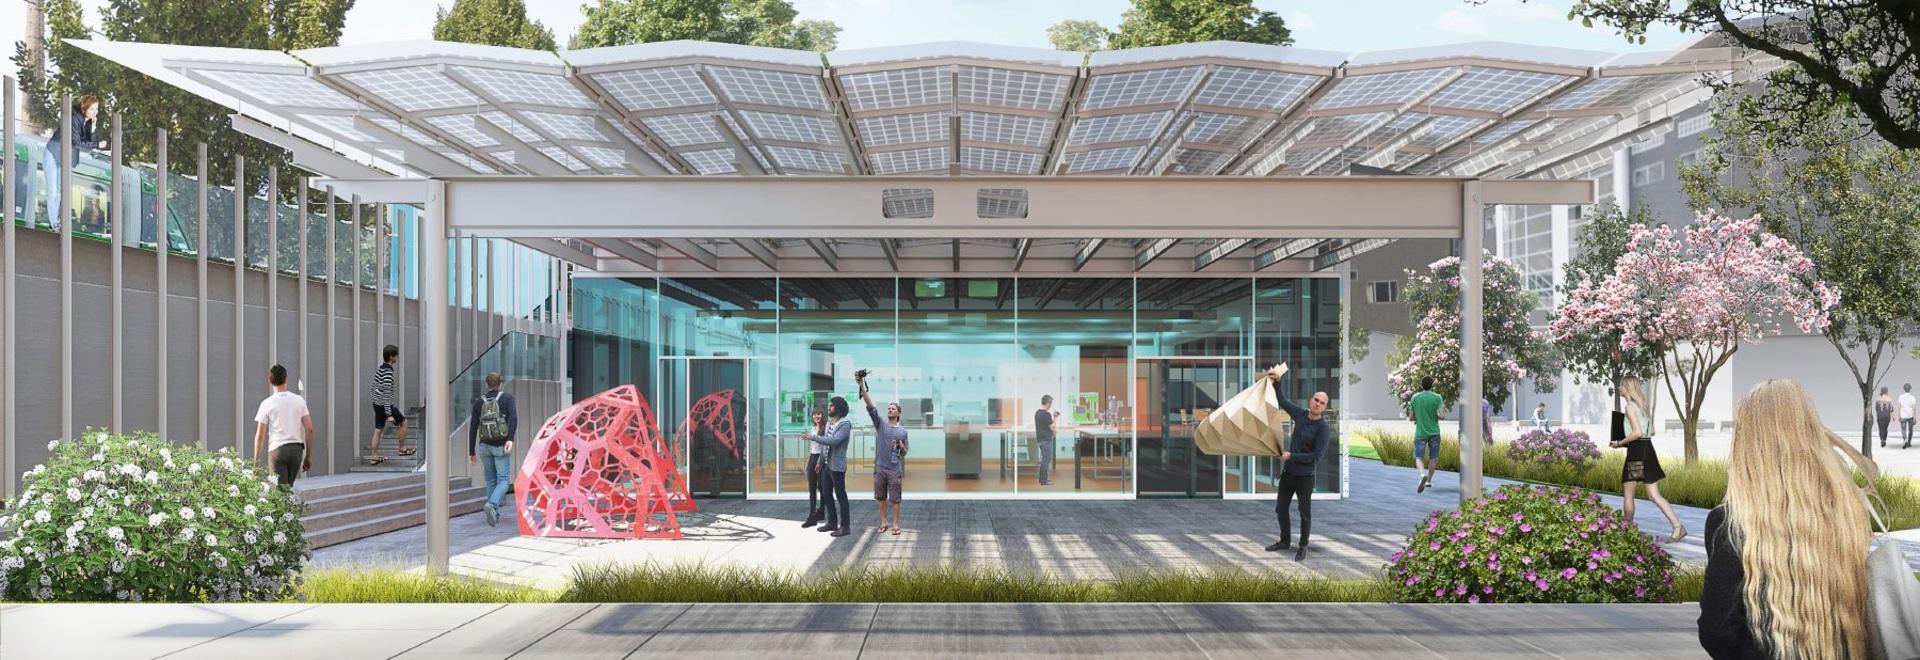 Renzo-Klavier plant neuen Architekturcampus für politecnico Di Mailand